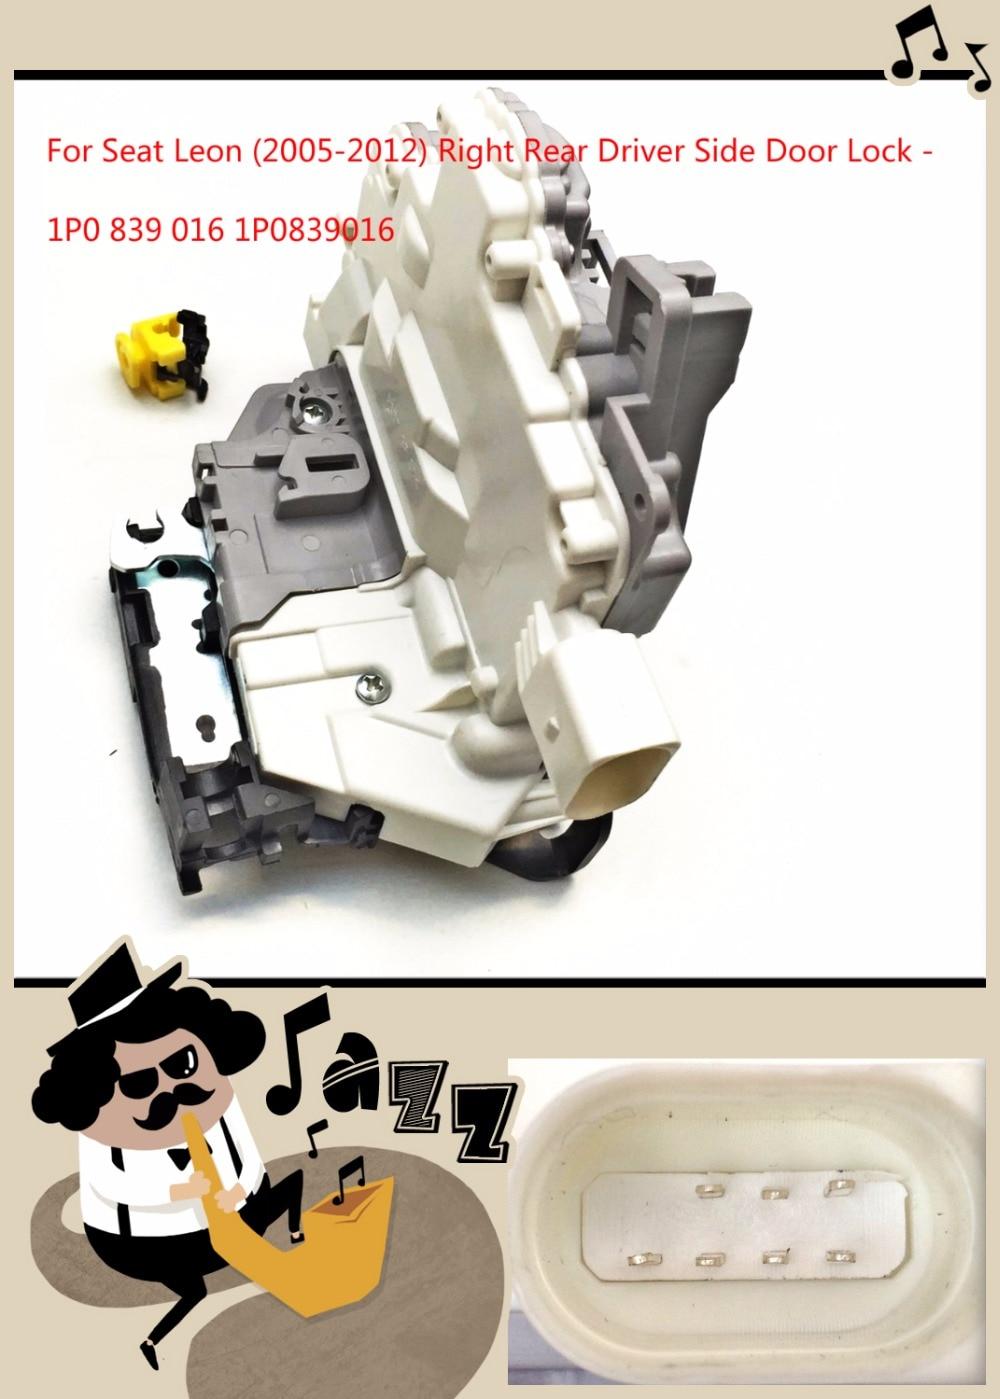 Задний правый только для SEAT Leon механизм защелки двери/привод замка двери 1P0839016 1P0 839 016